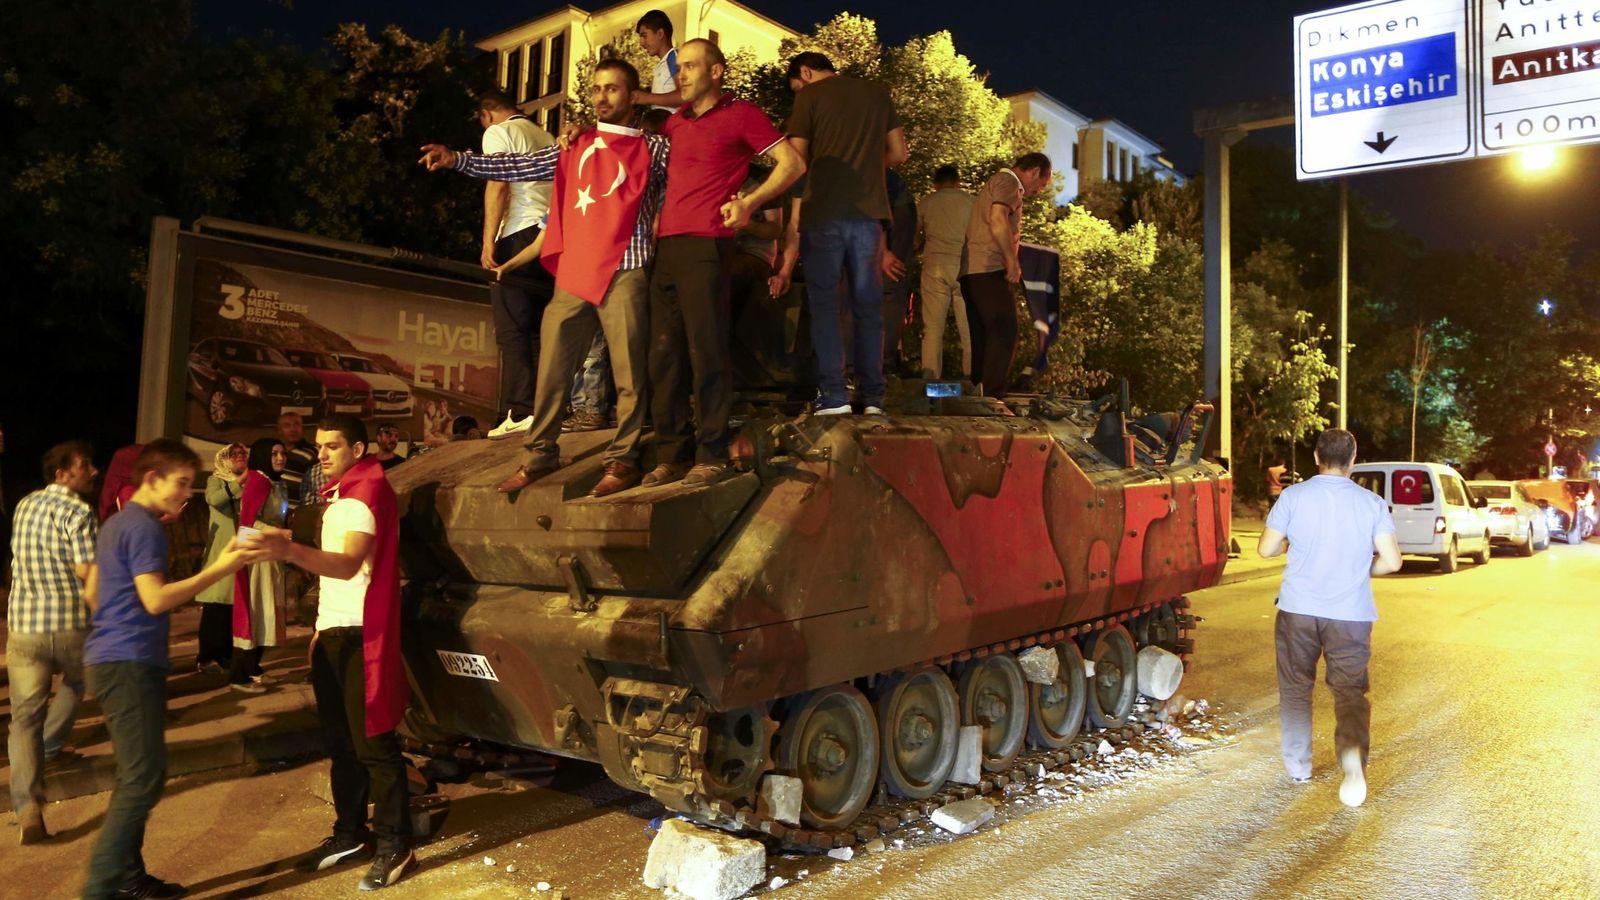 Foto: Partidarios de Erdogan sobre un tanque abandonado en Ankara. (Reuters)